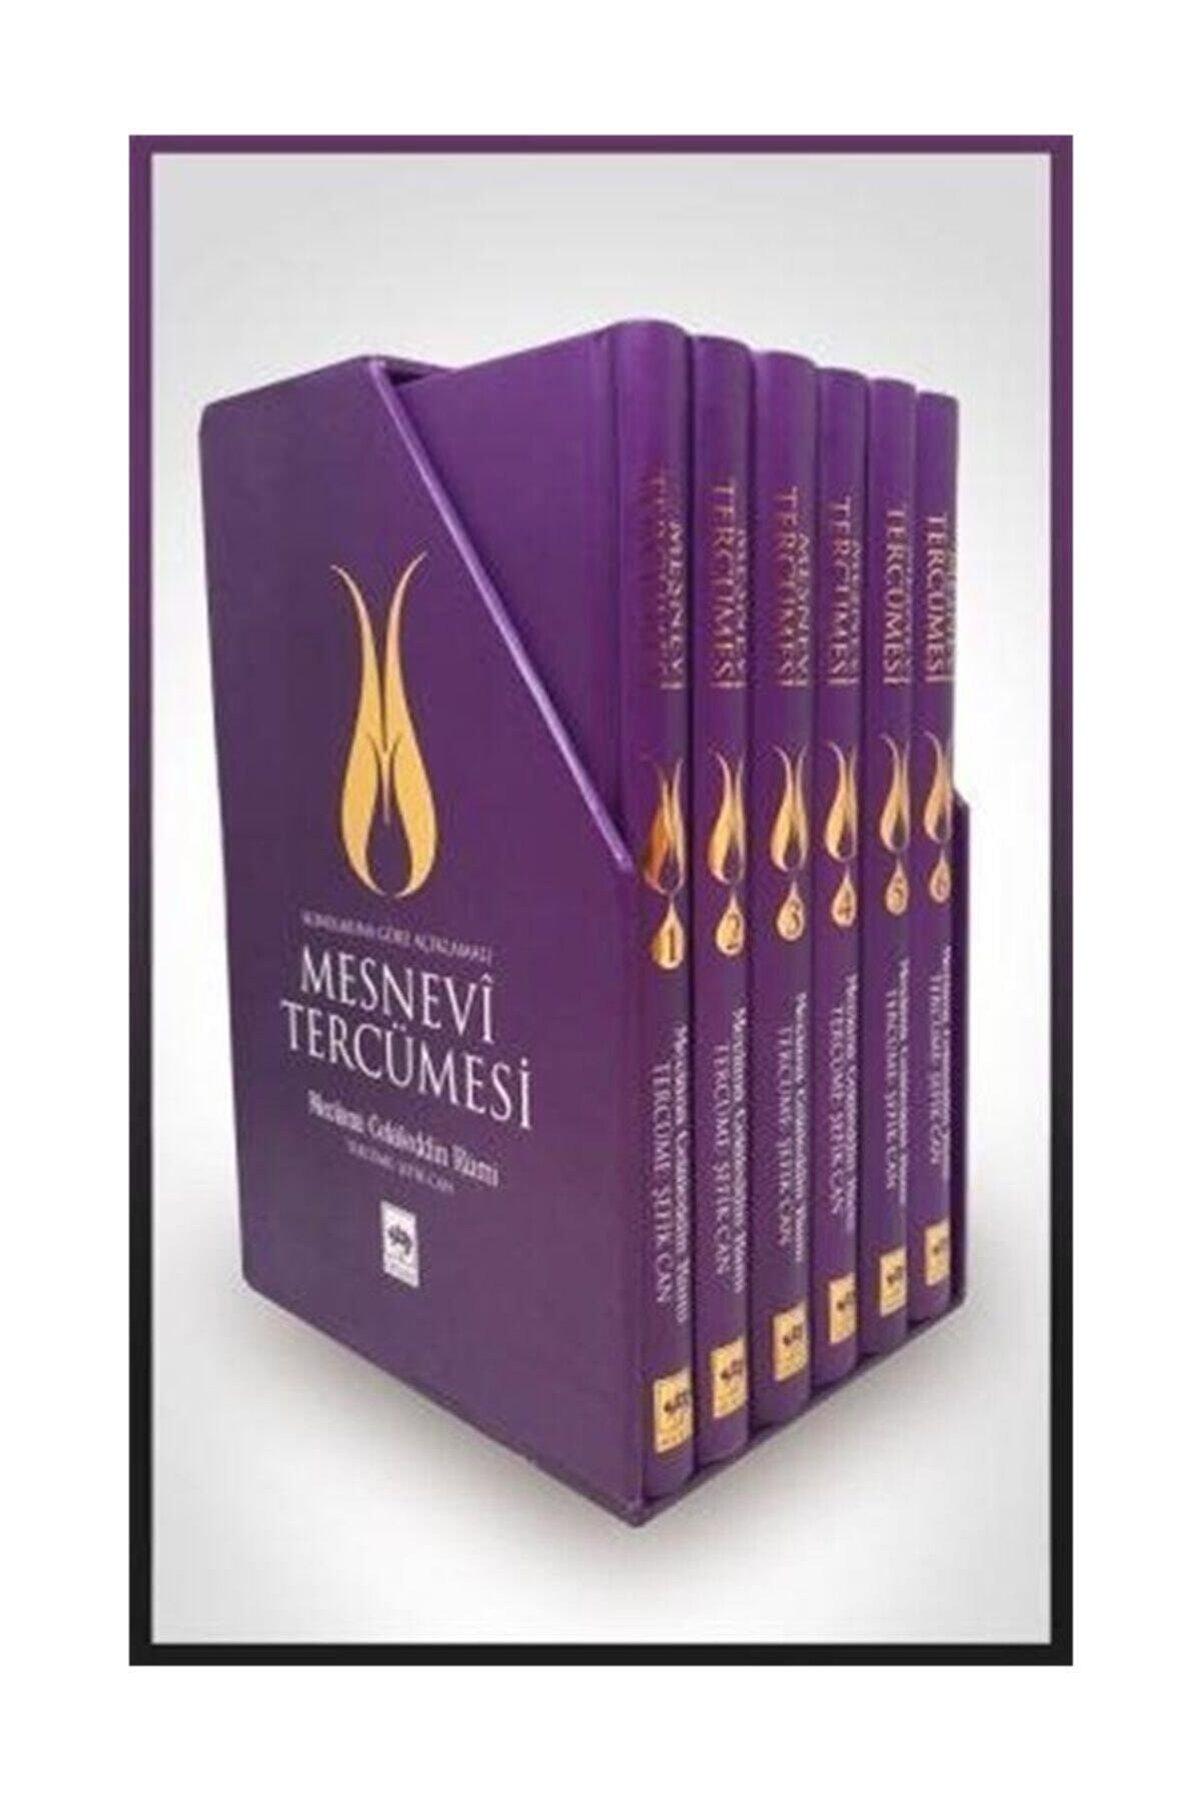 Ötüken Yayınları Mesnevi Tercümesi 6 Cilt Takım